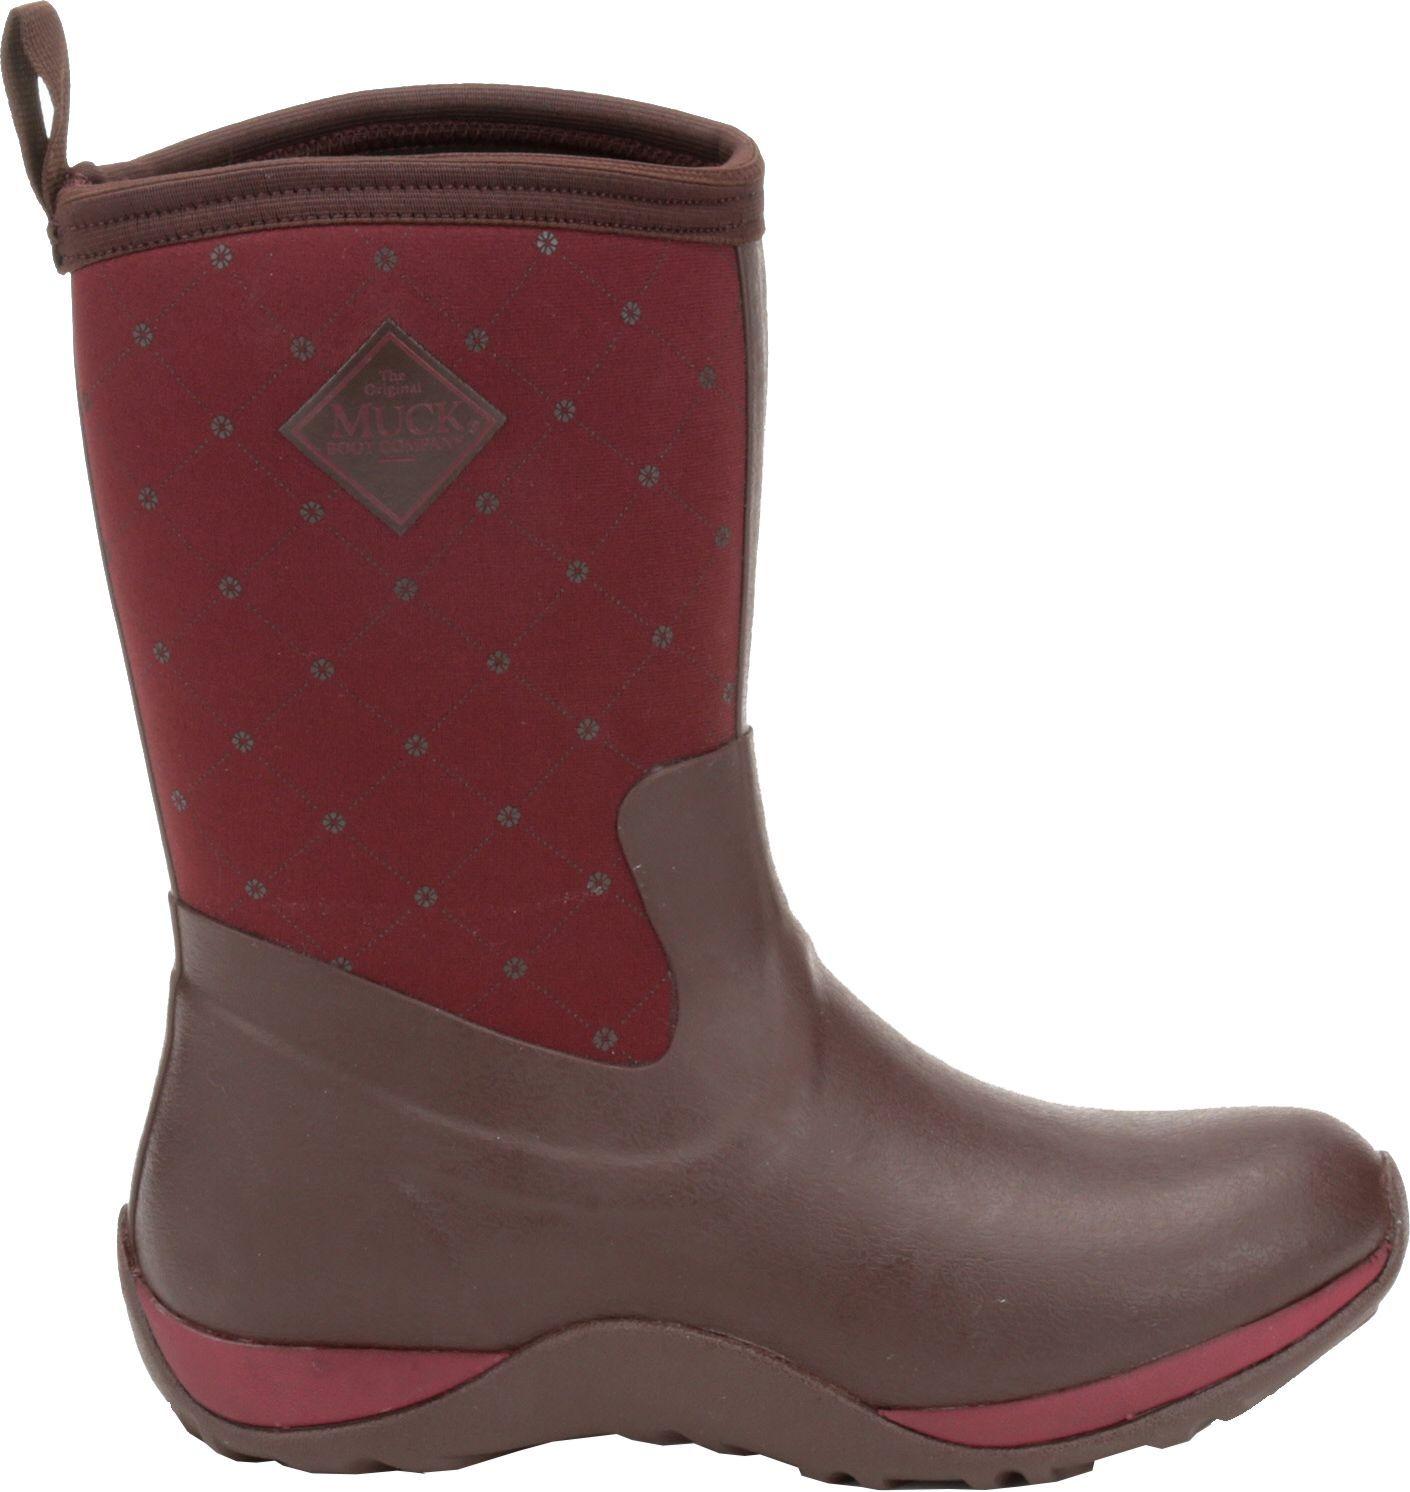 Muck Boots Women's Arctic Weekend Waterproof Winter Boots